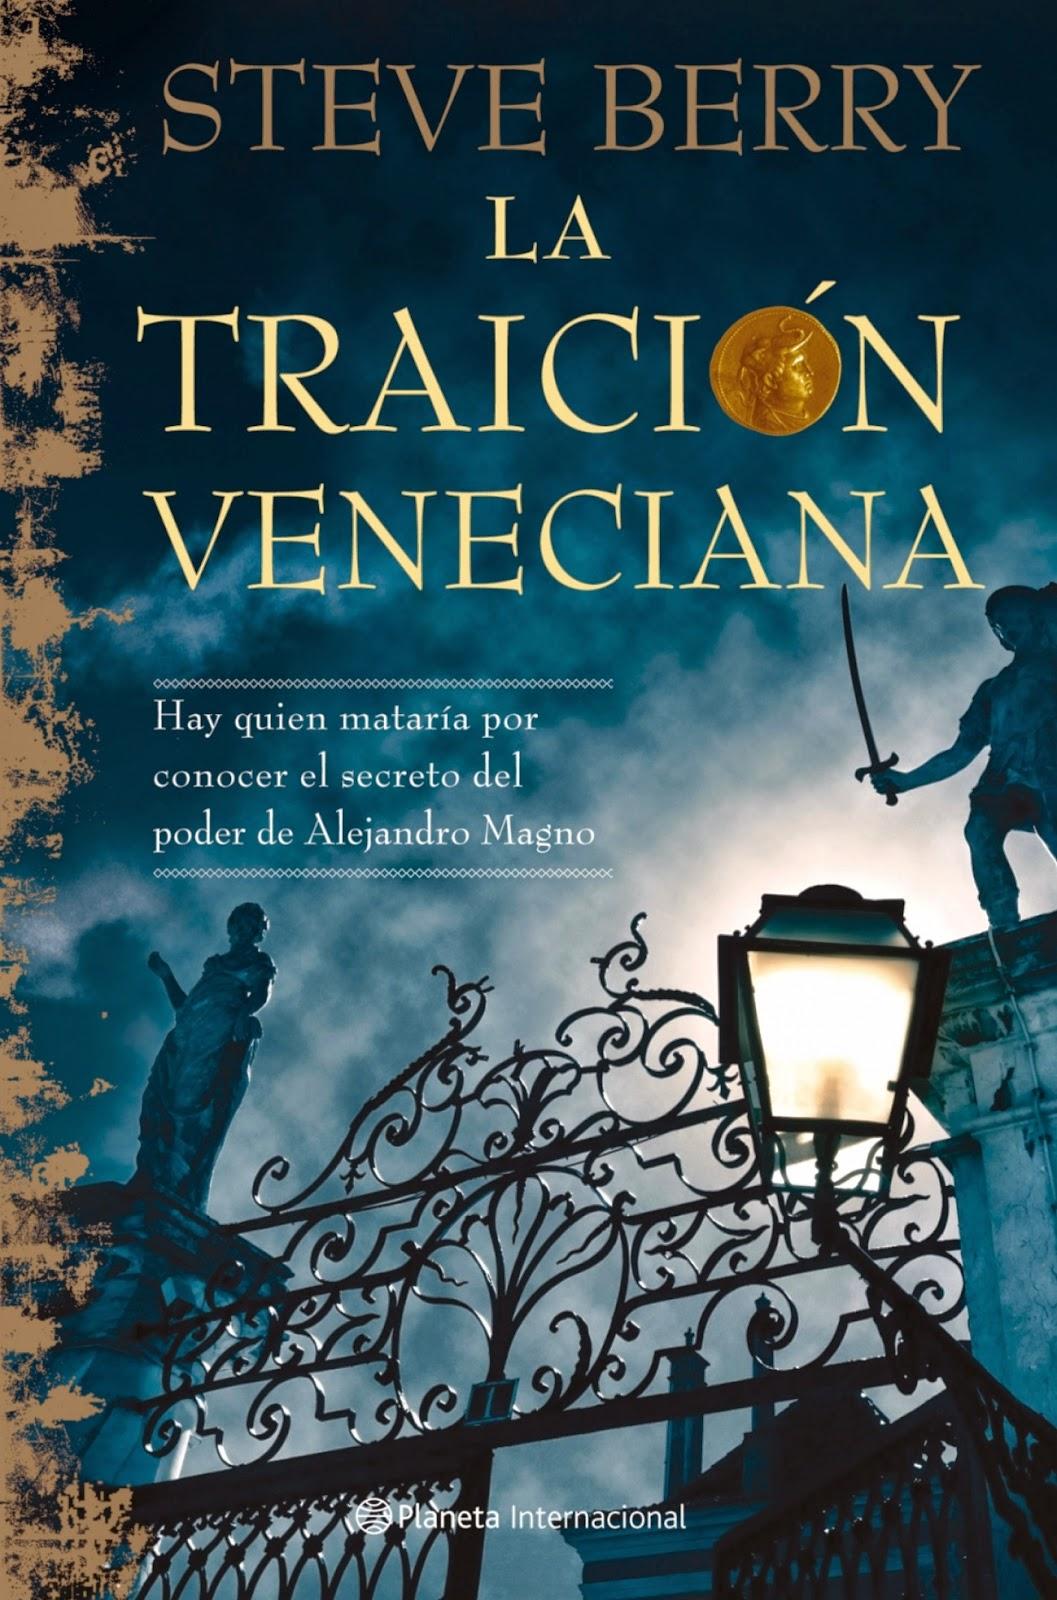 La Traición Veneciana, de Steve Berry